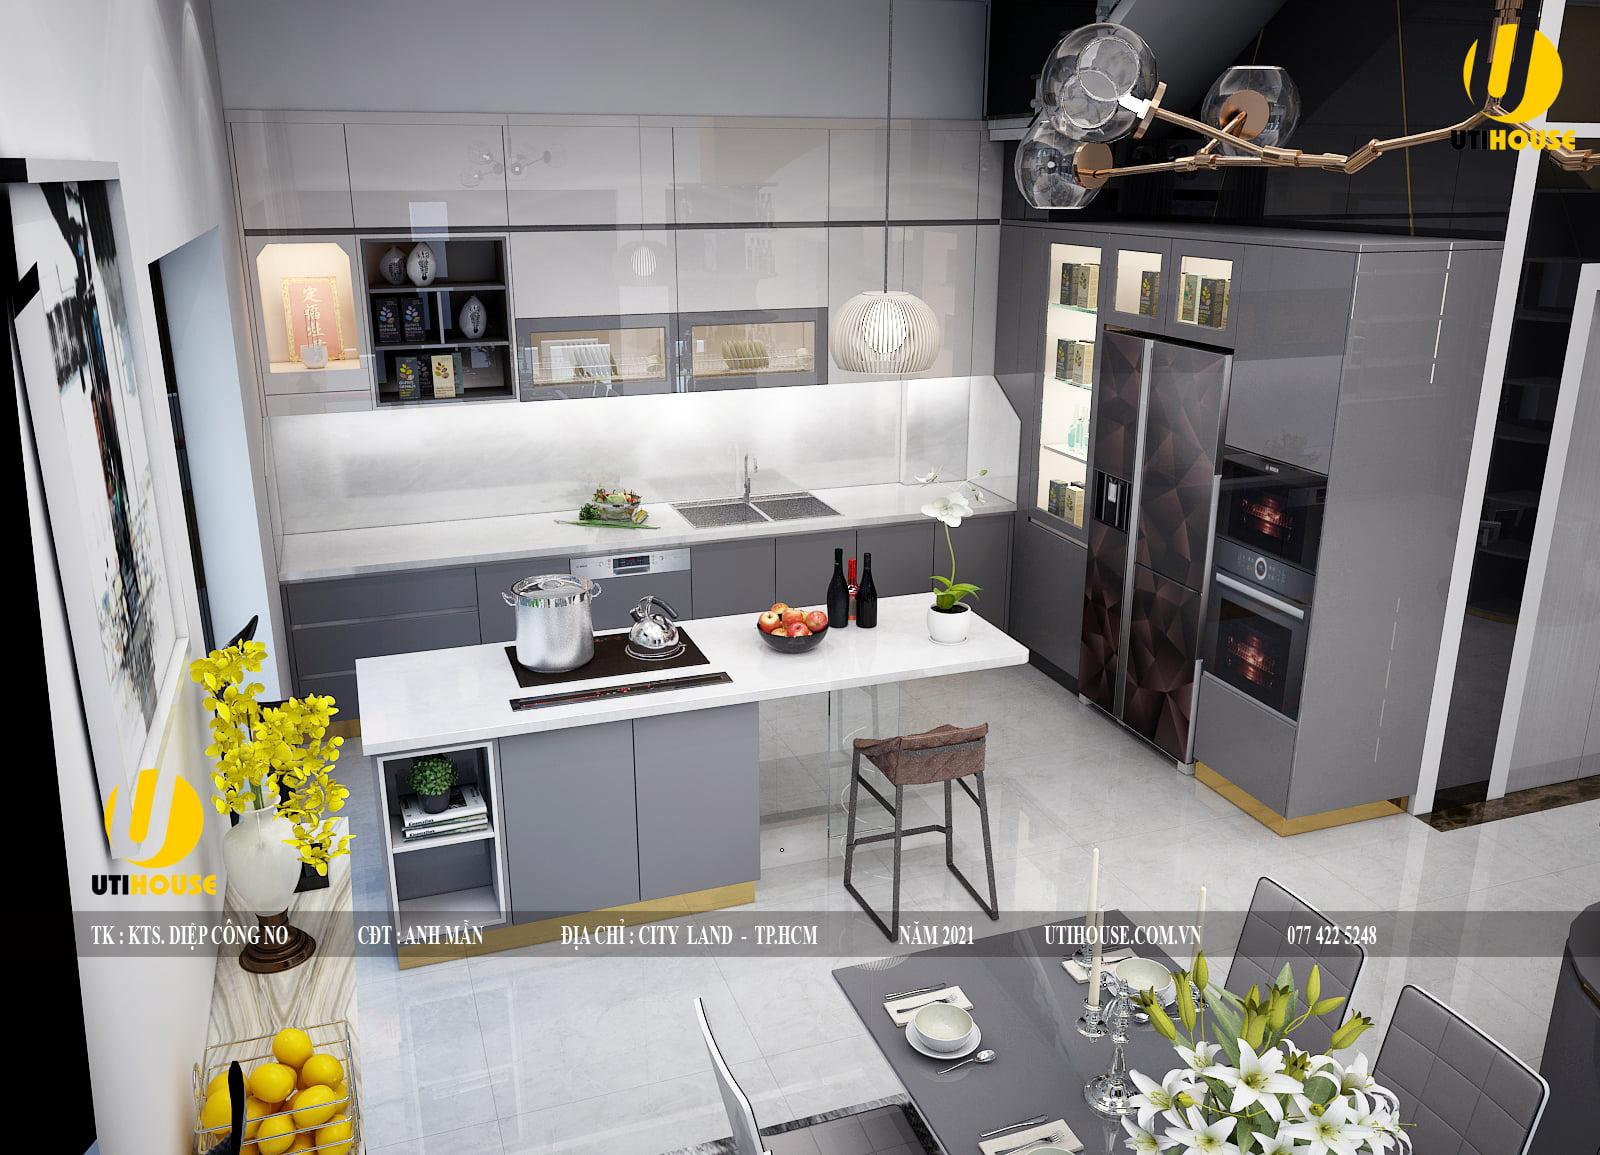 Thiết kế nhà bếp chuẩn phong thuỷ